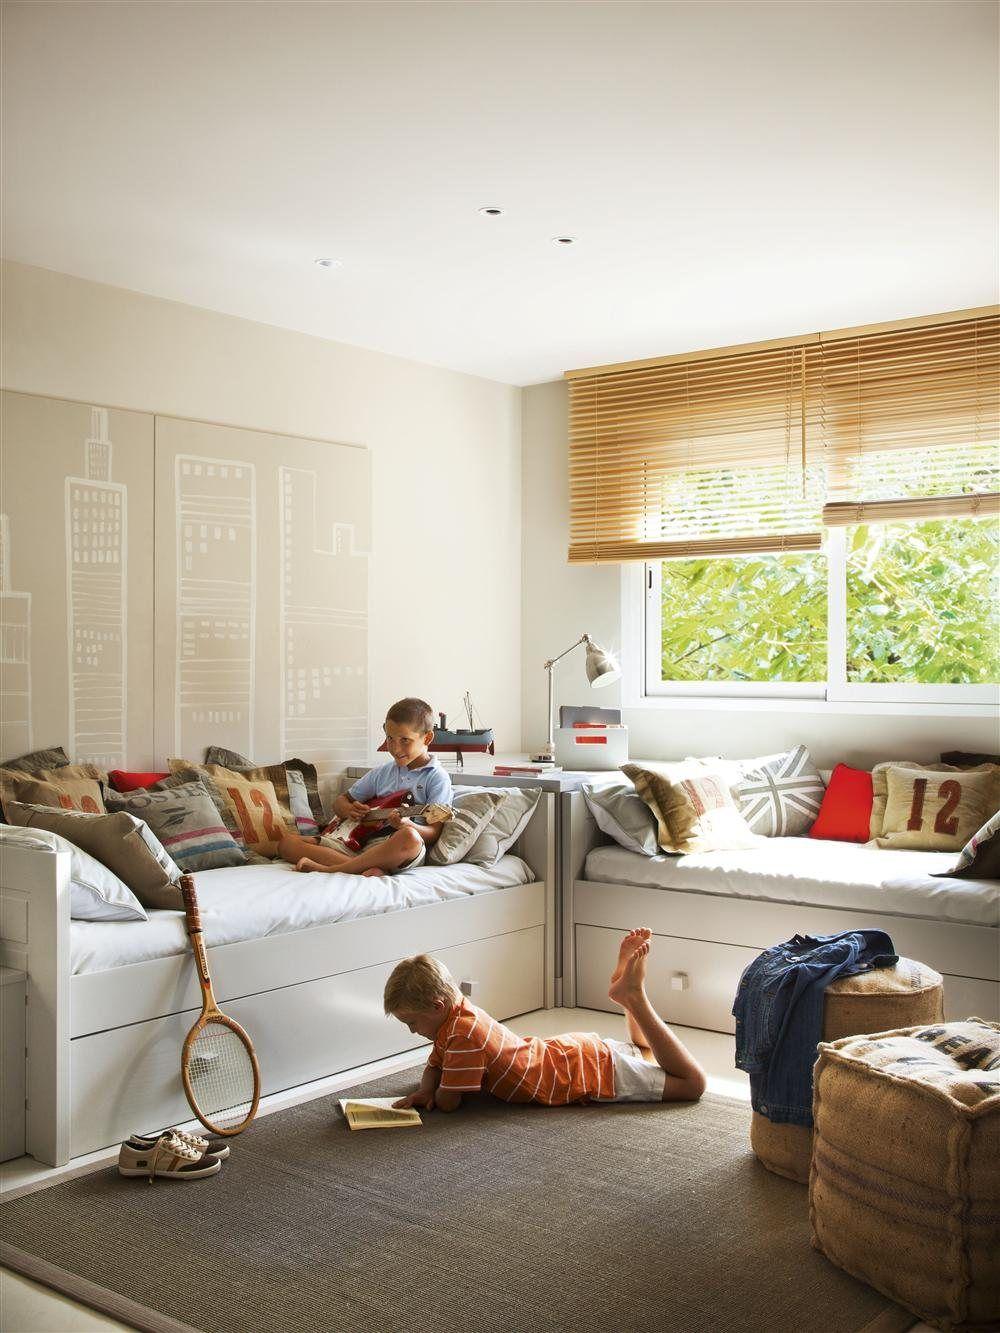 Una habitaci n decorada con n meros y letras dormitorio - Habitaciones infantiles compartidas ...